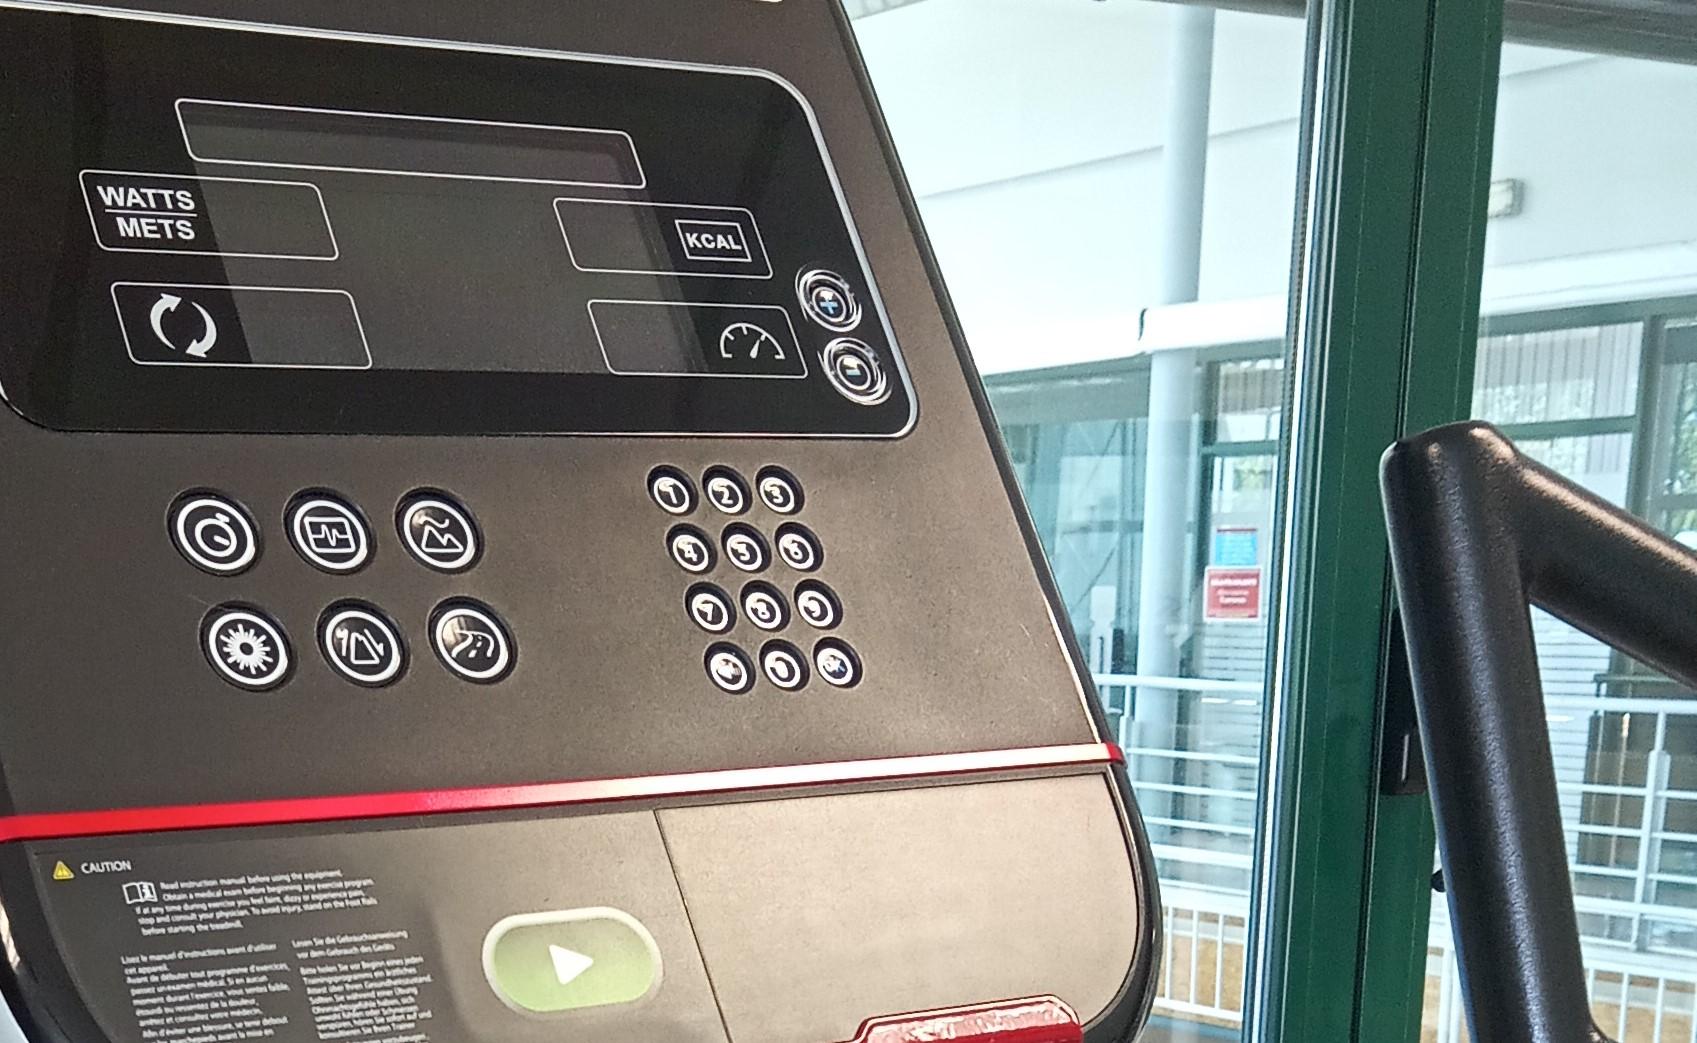 Si ya lo tienes claro, abónate o inscríbete aquí a las Actividades o a Fitness